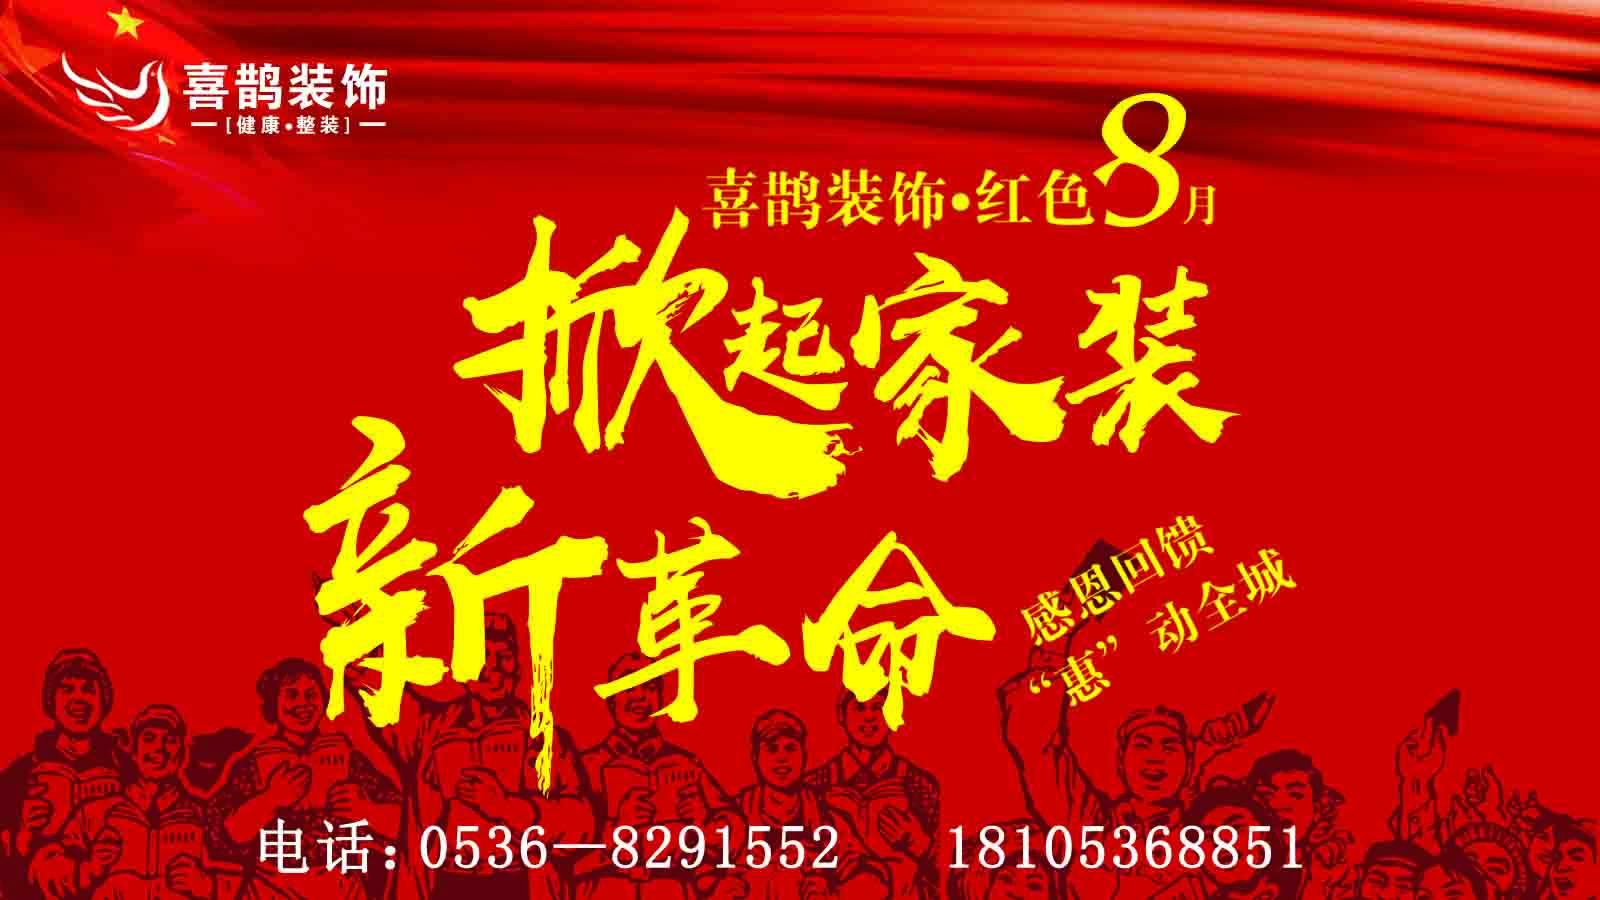 """【红色八月 """"惠""""动鸢城】 喜鹊装饰打响家装新革命"""